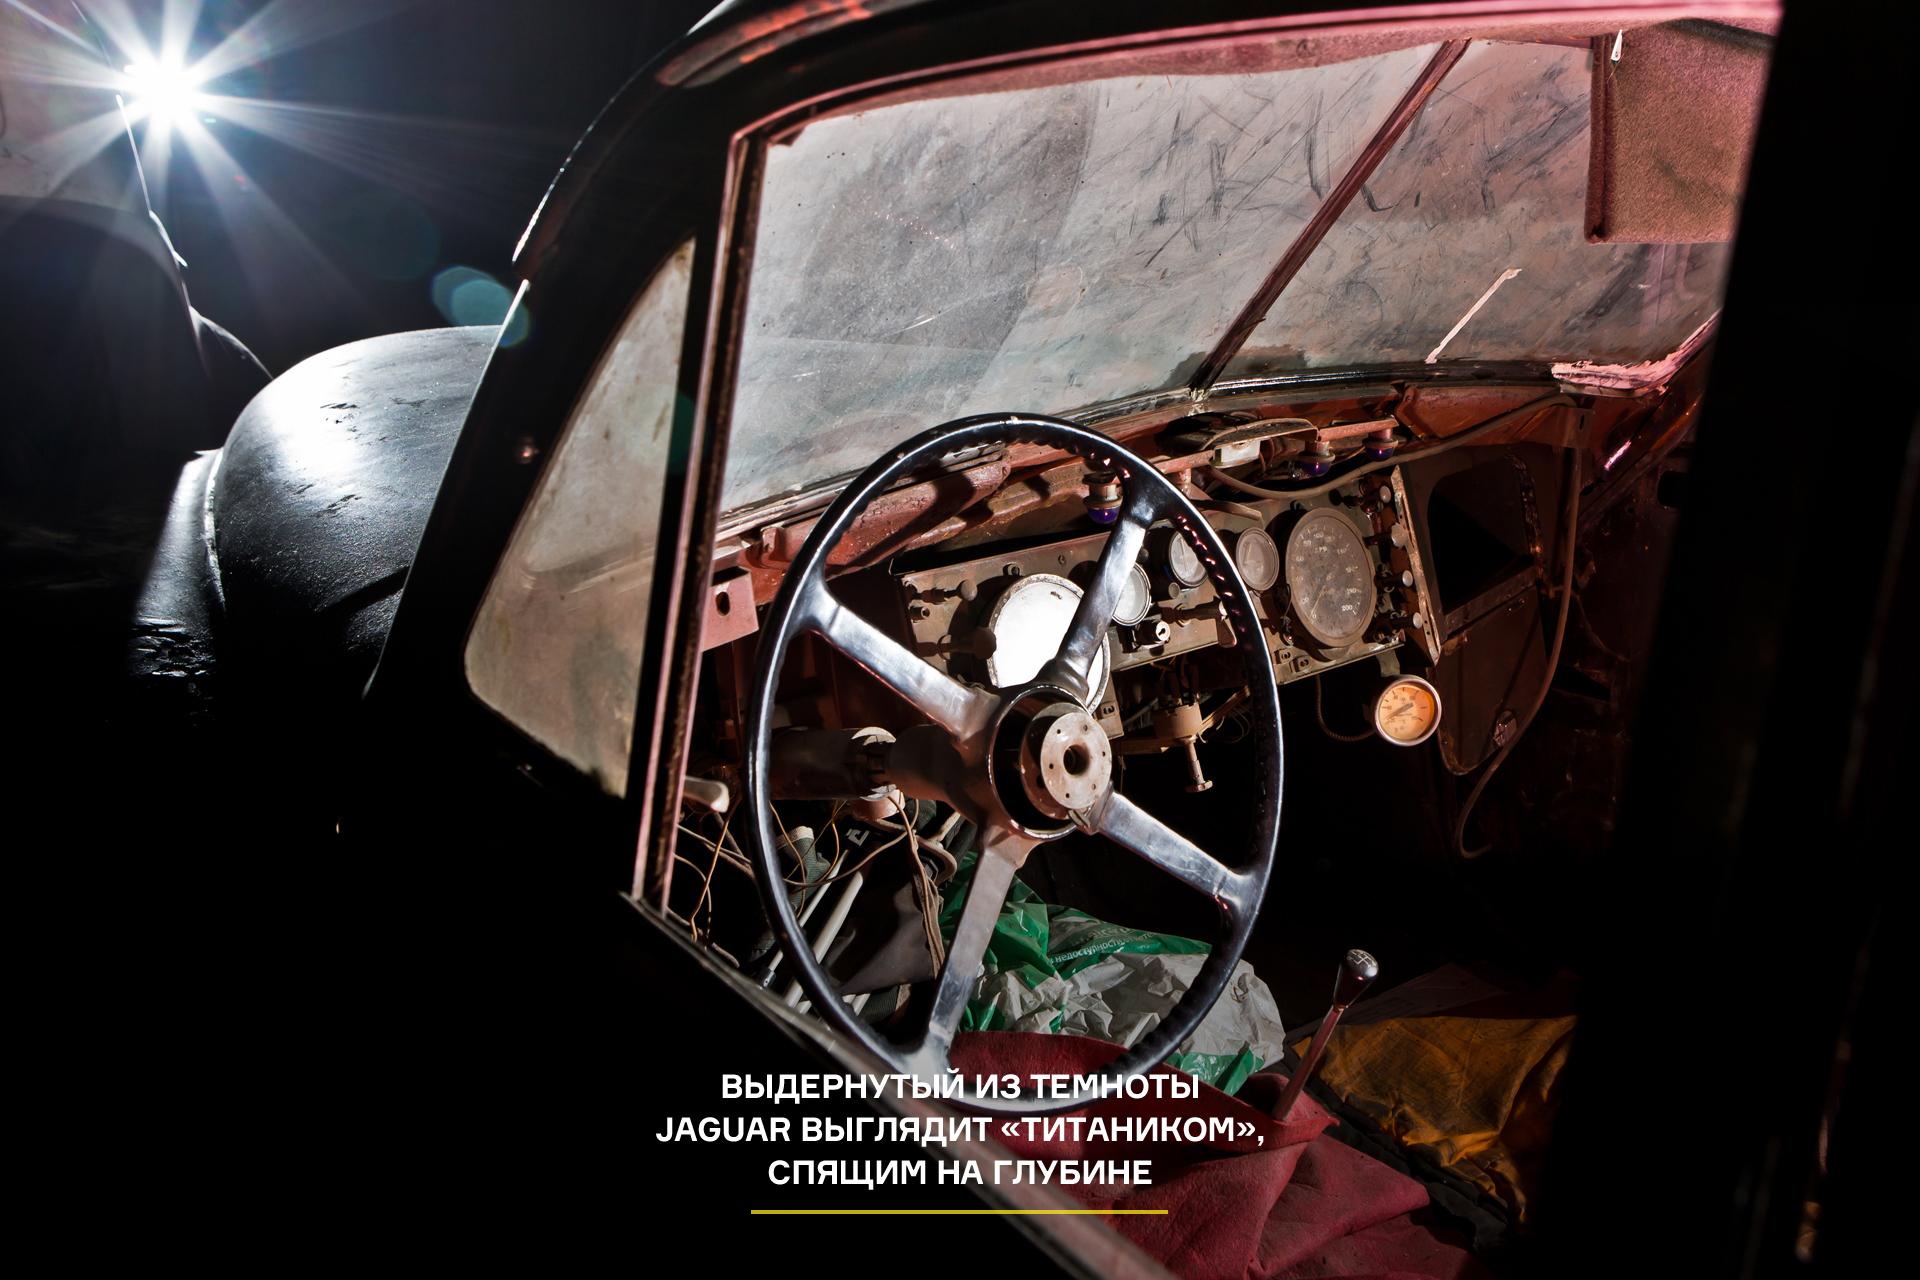 Mustang Брежнева, Cadillac в обмен на черную икру  — иномарки с советской историей, часть вторая. Фото 15